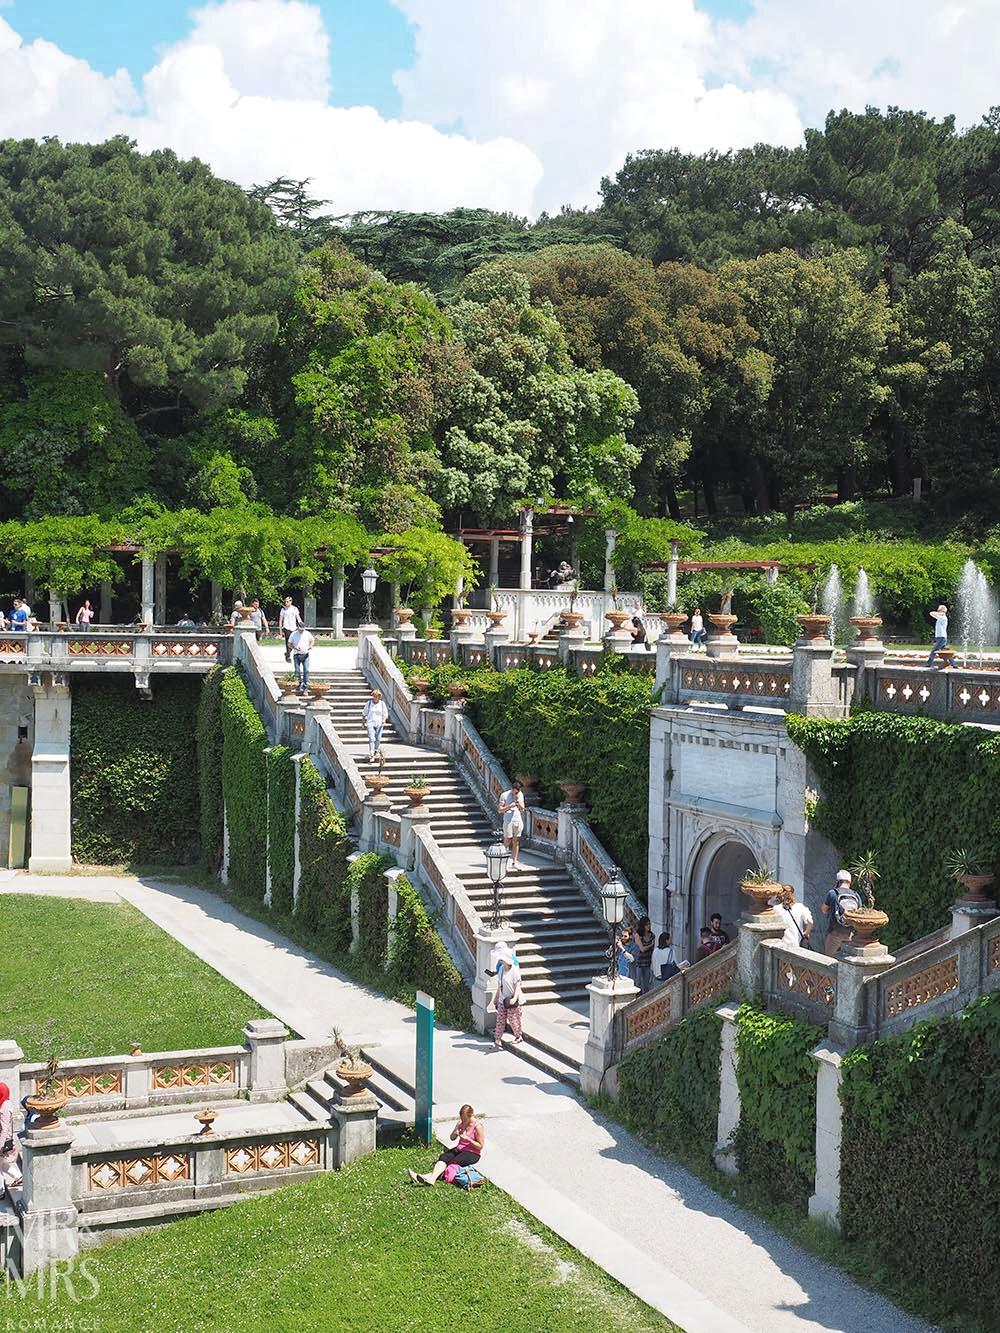 Trieste guide - Castello di Miramare gardens